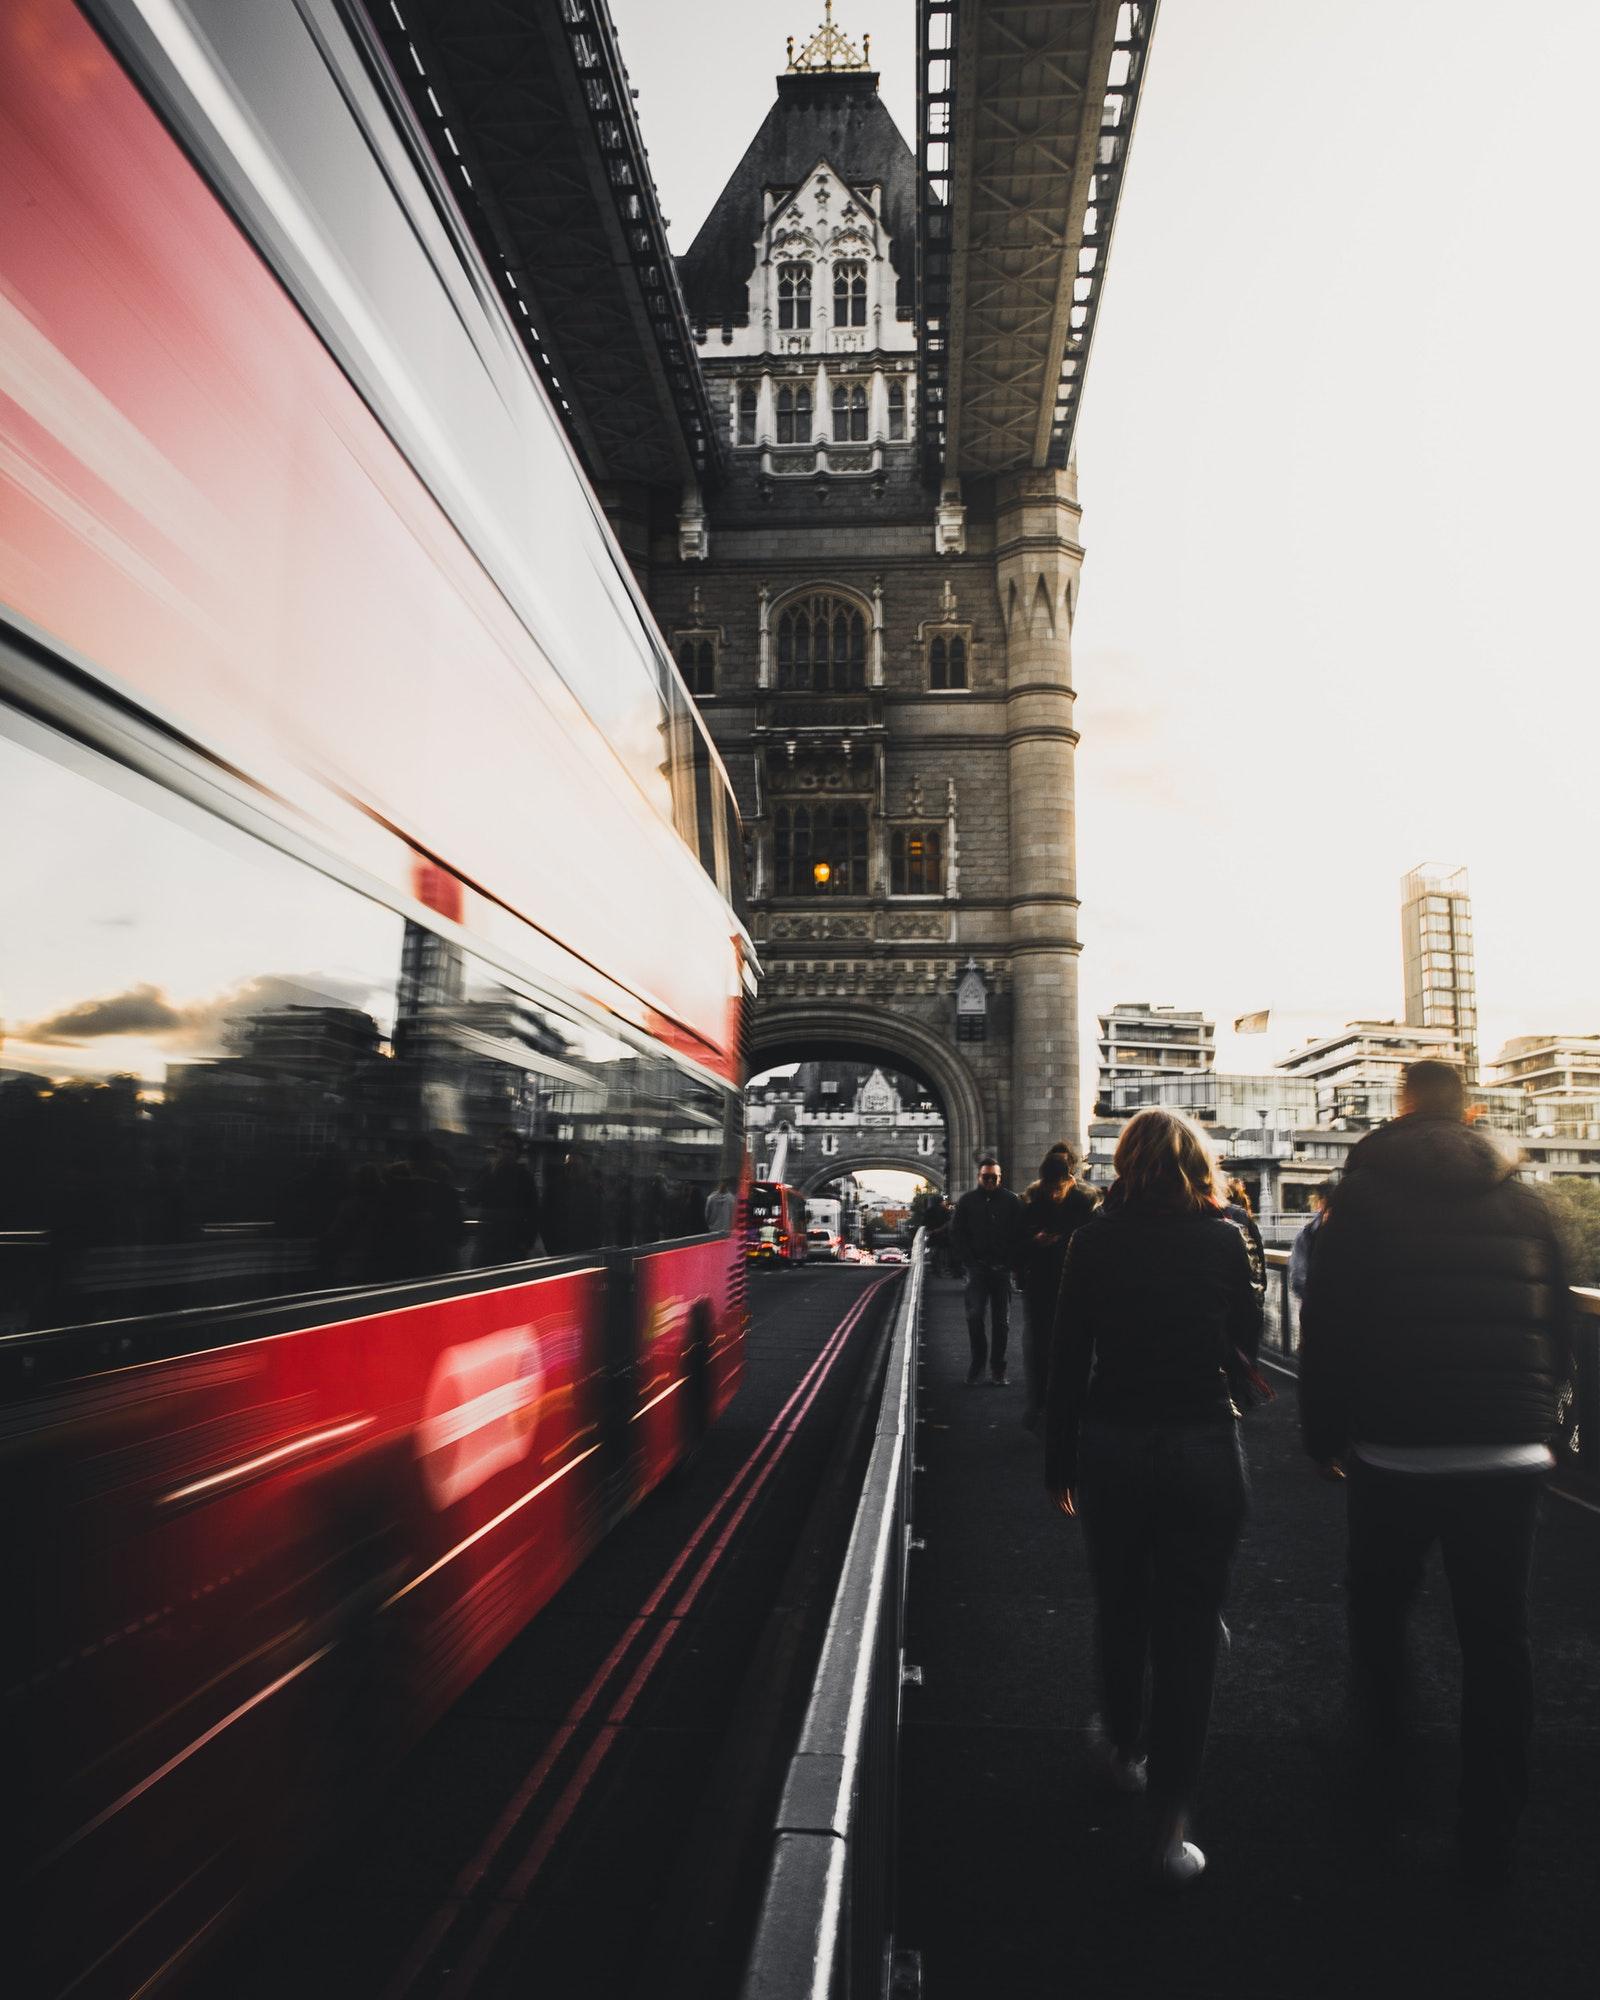 Londres est une ville qui bouge et qui offrent beaucoup d'opportunités à ses nouveaux arrivants